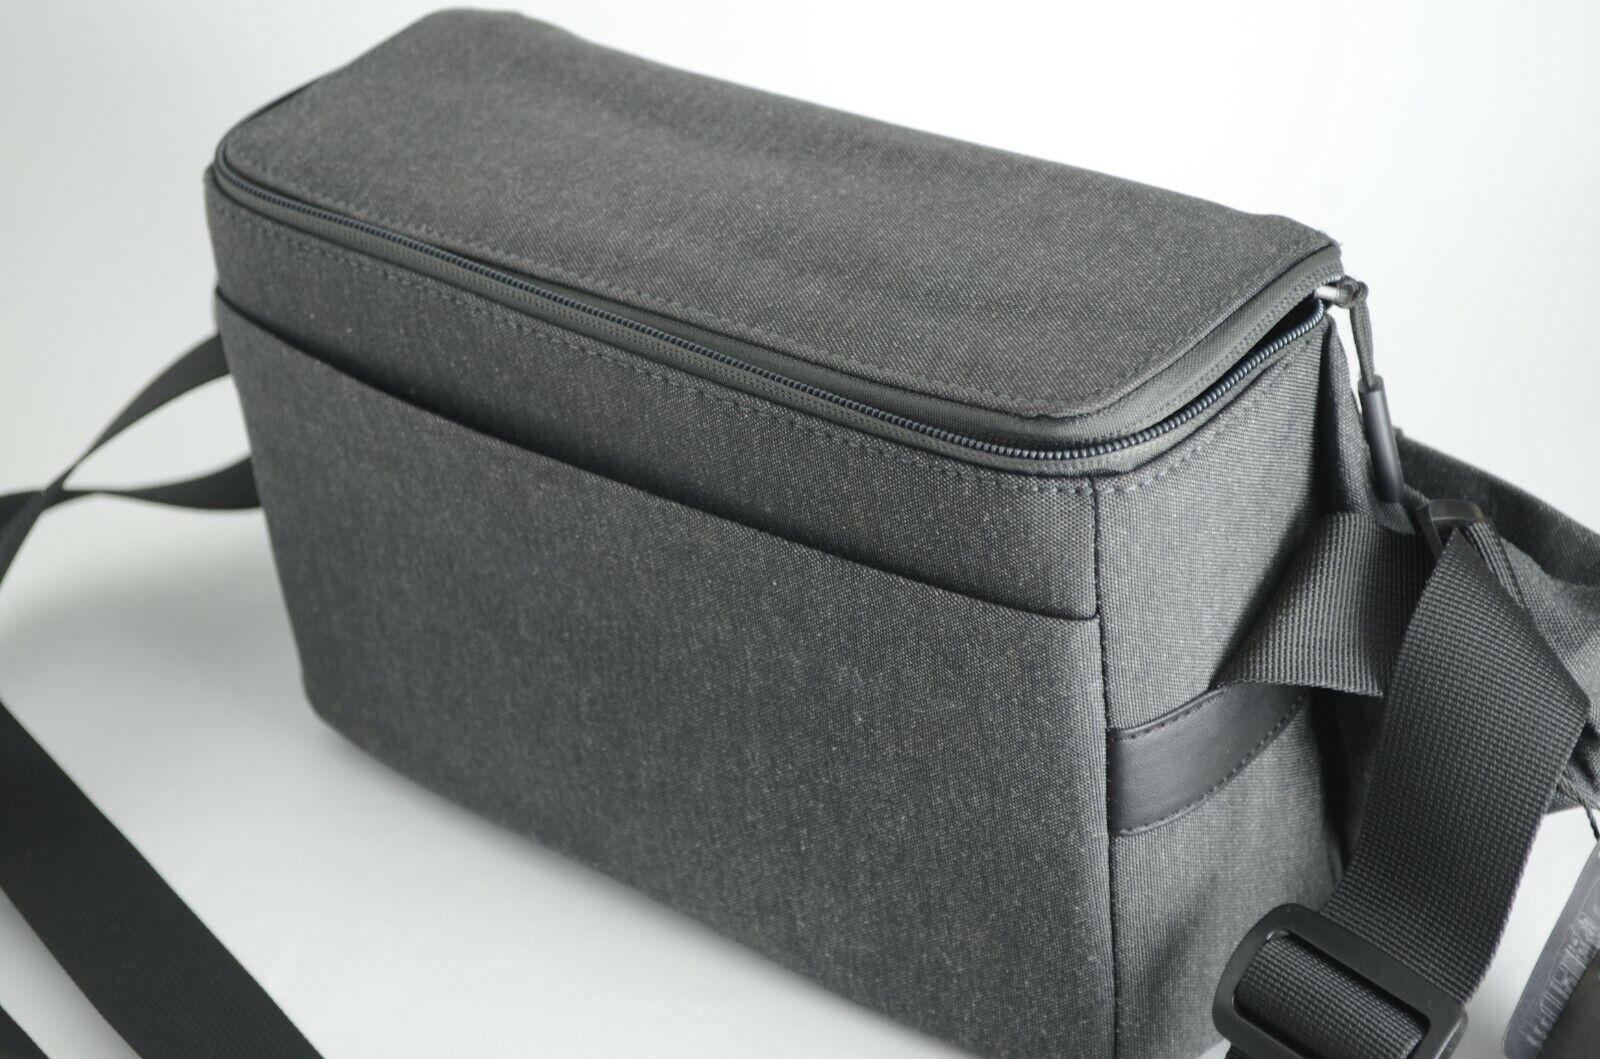 DJI Mavic Air shoulder bag